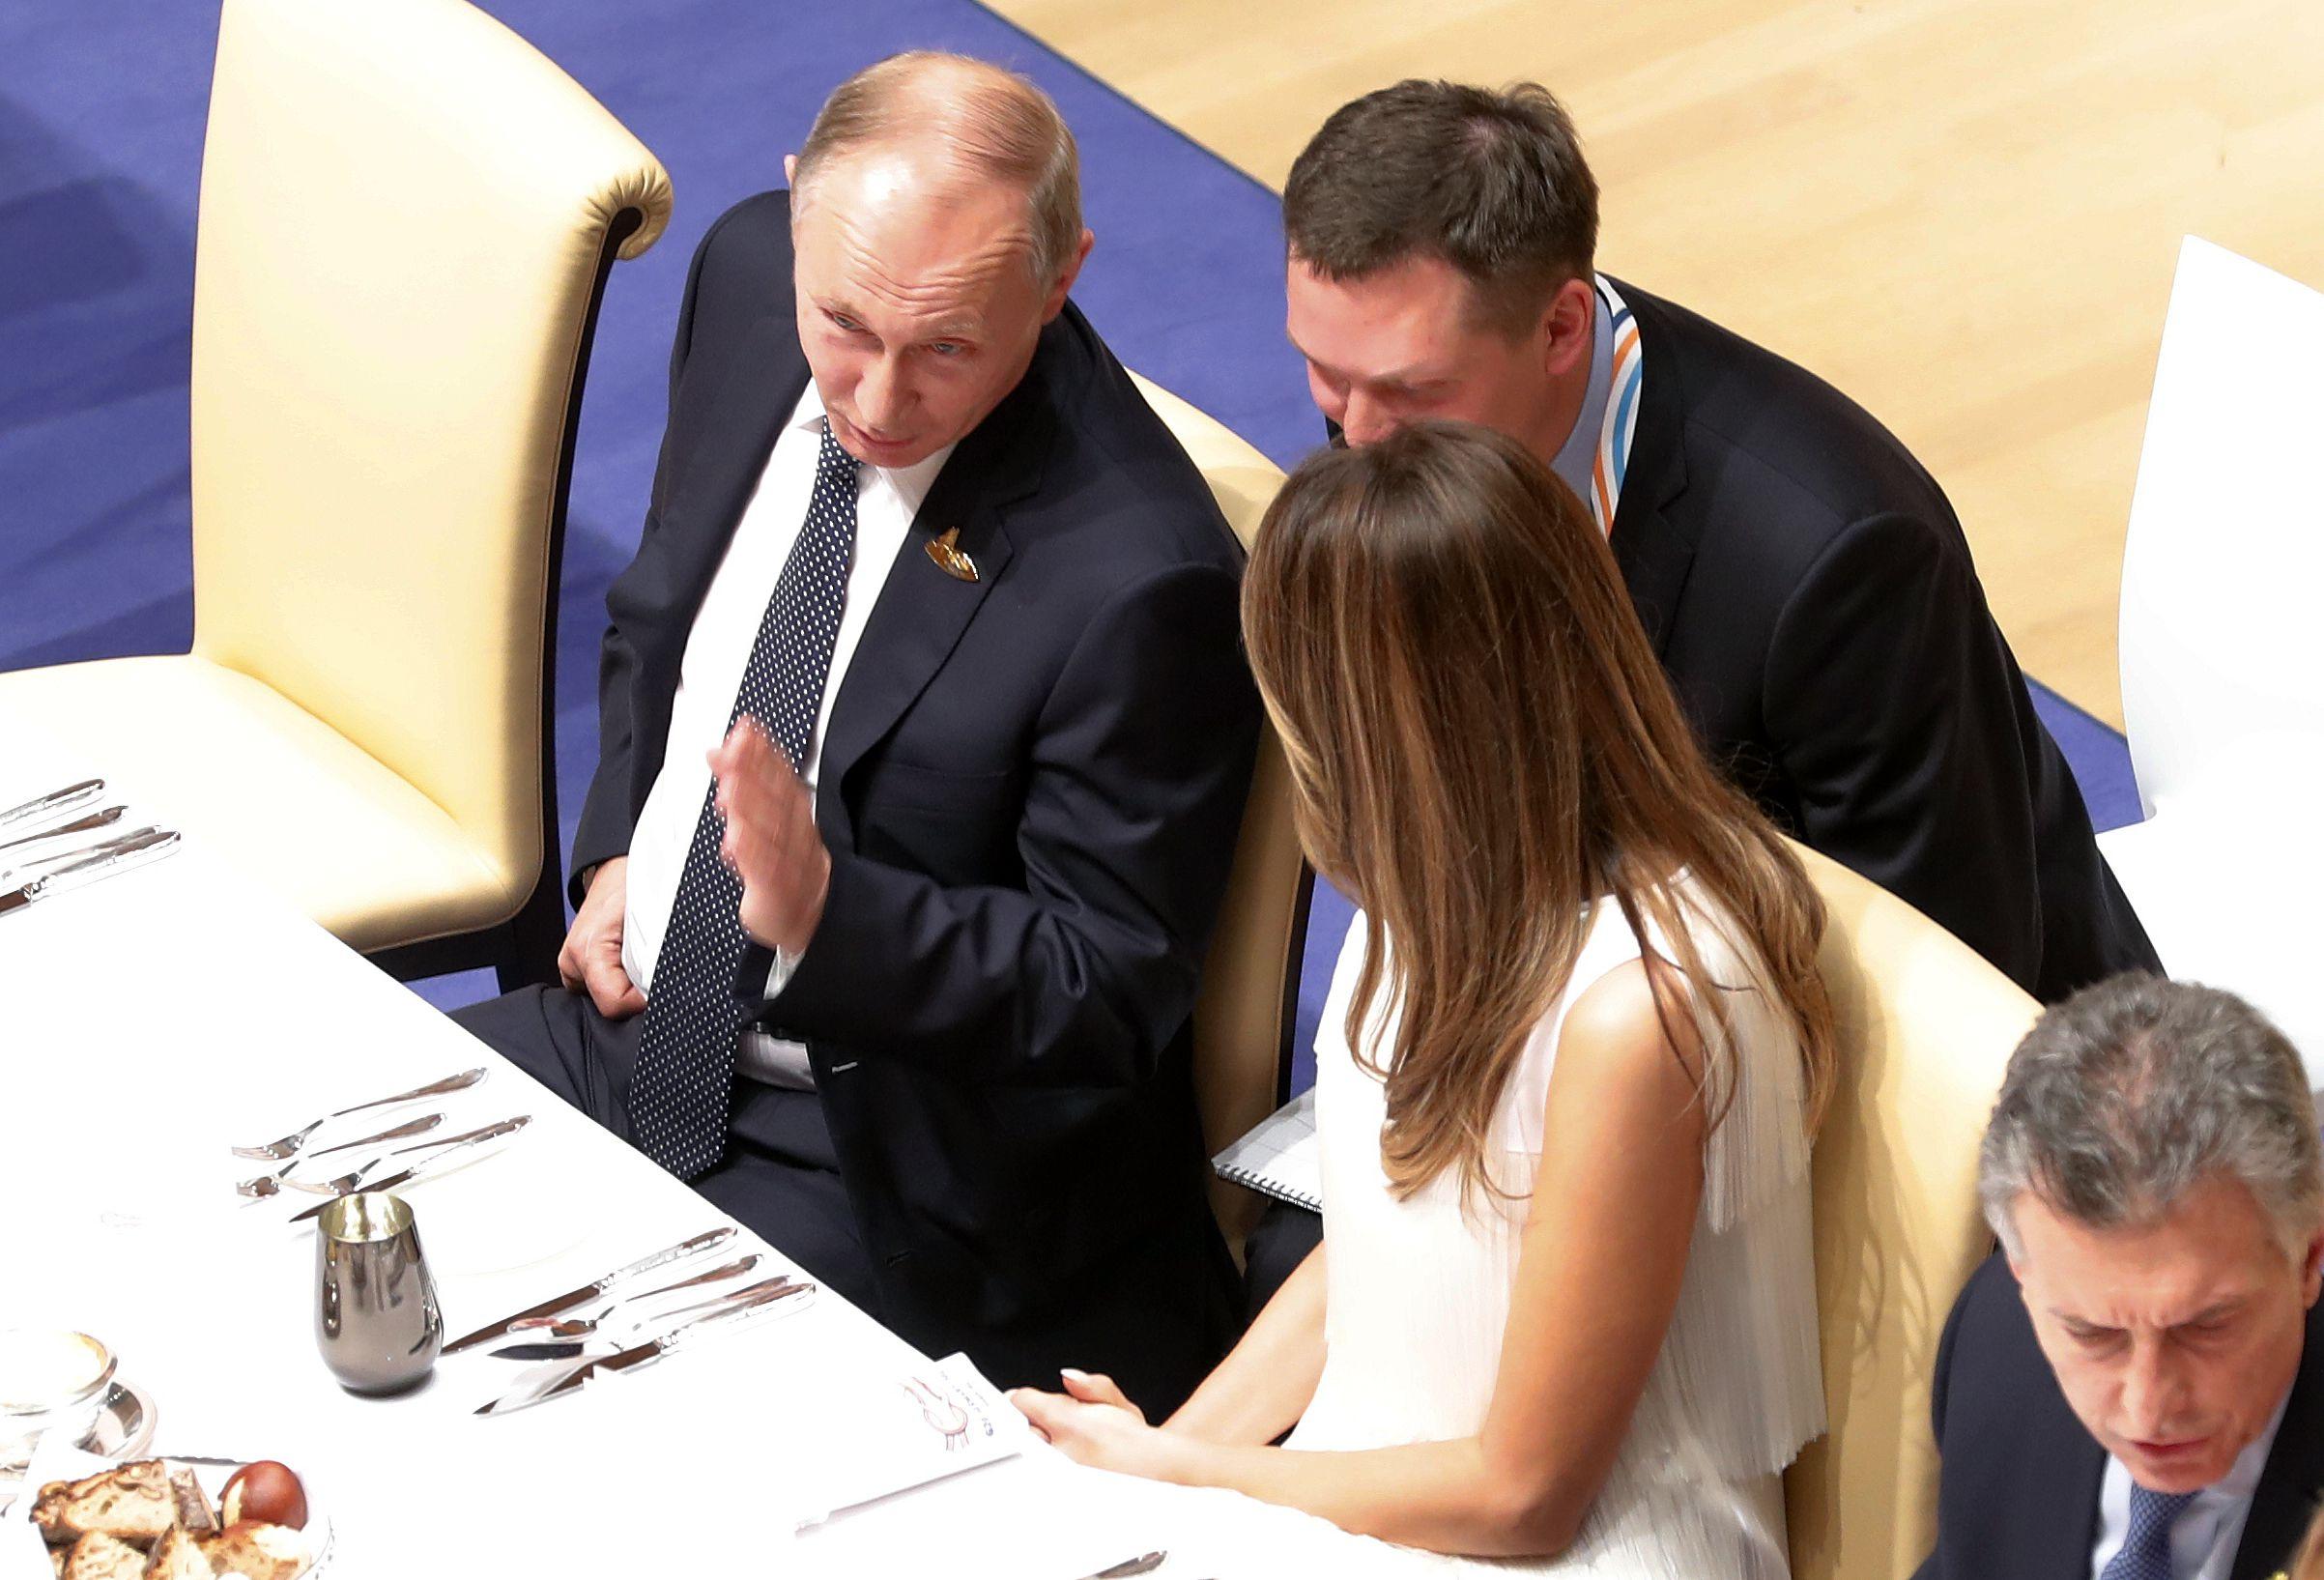 Putin and Melania at G20 summit banquet